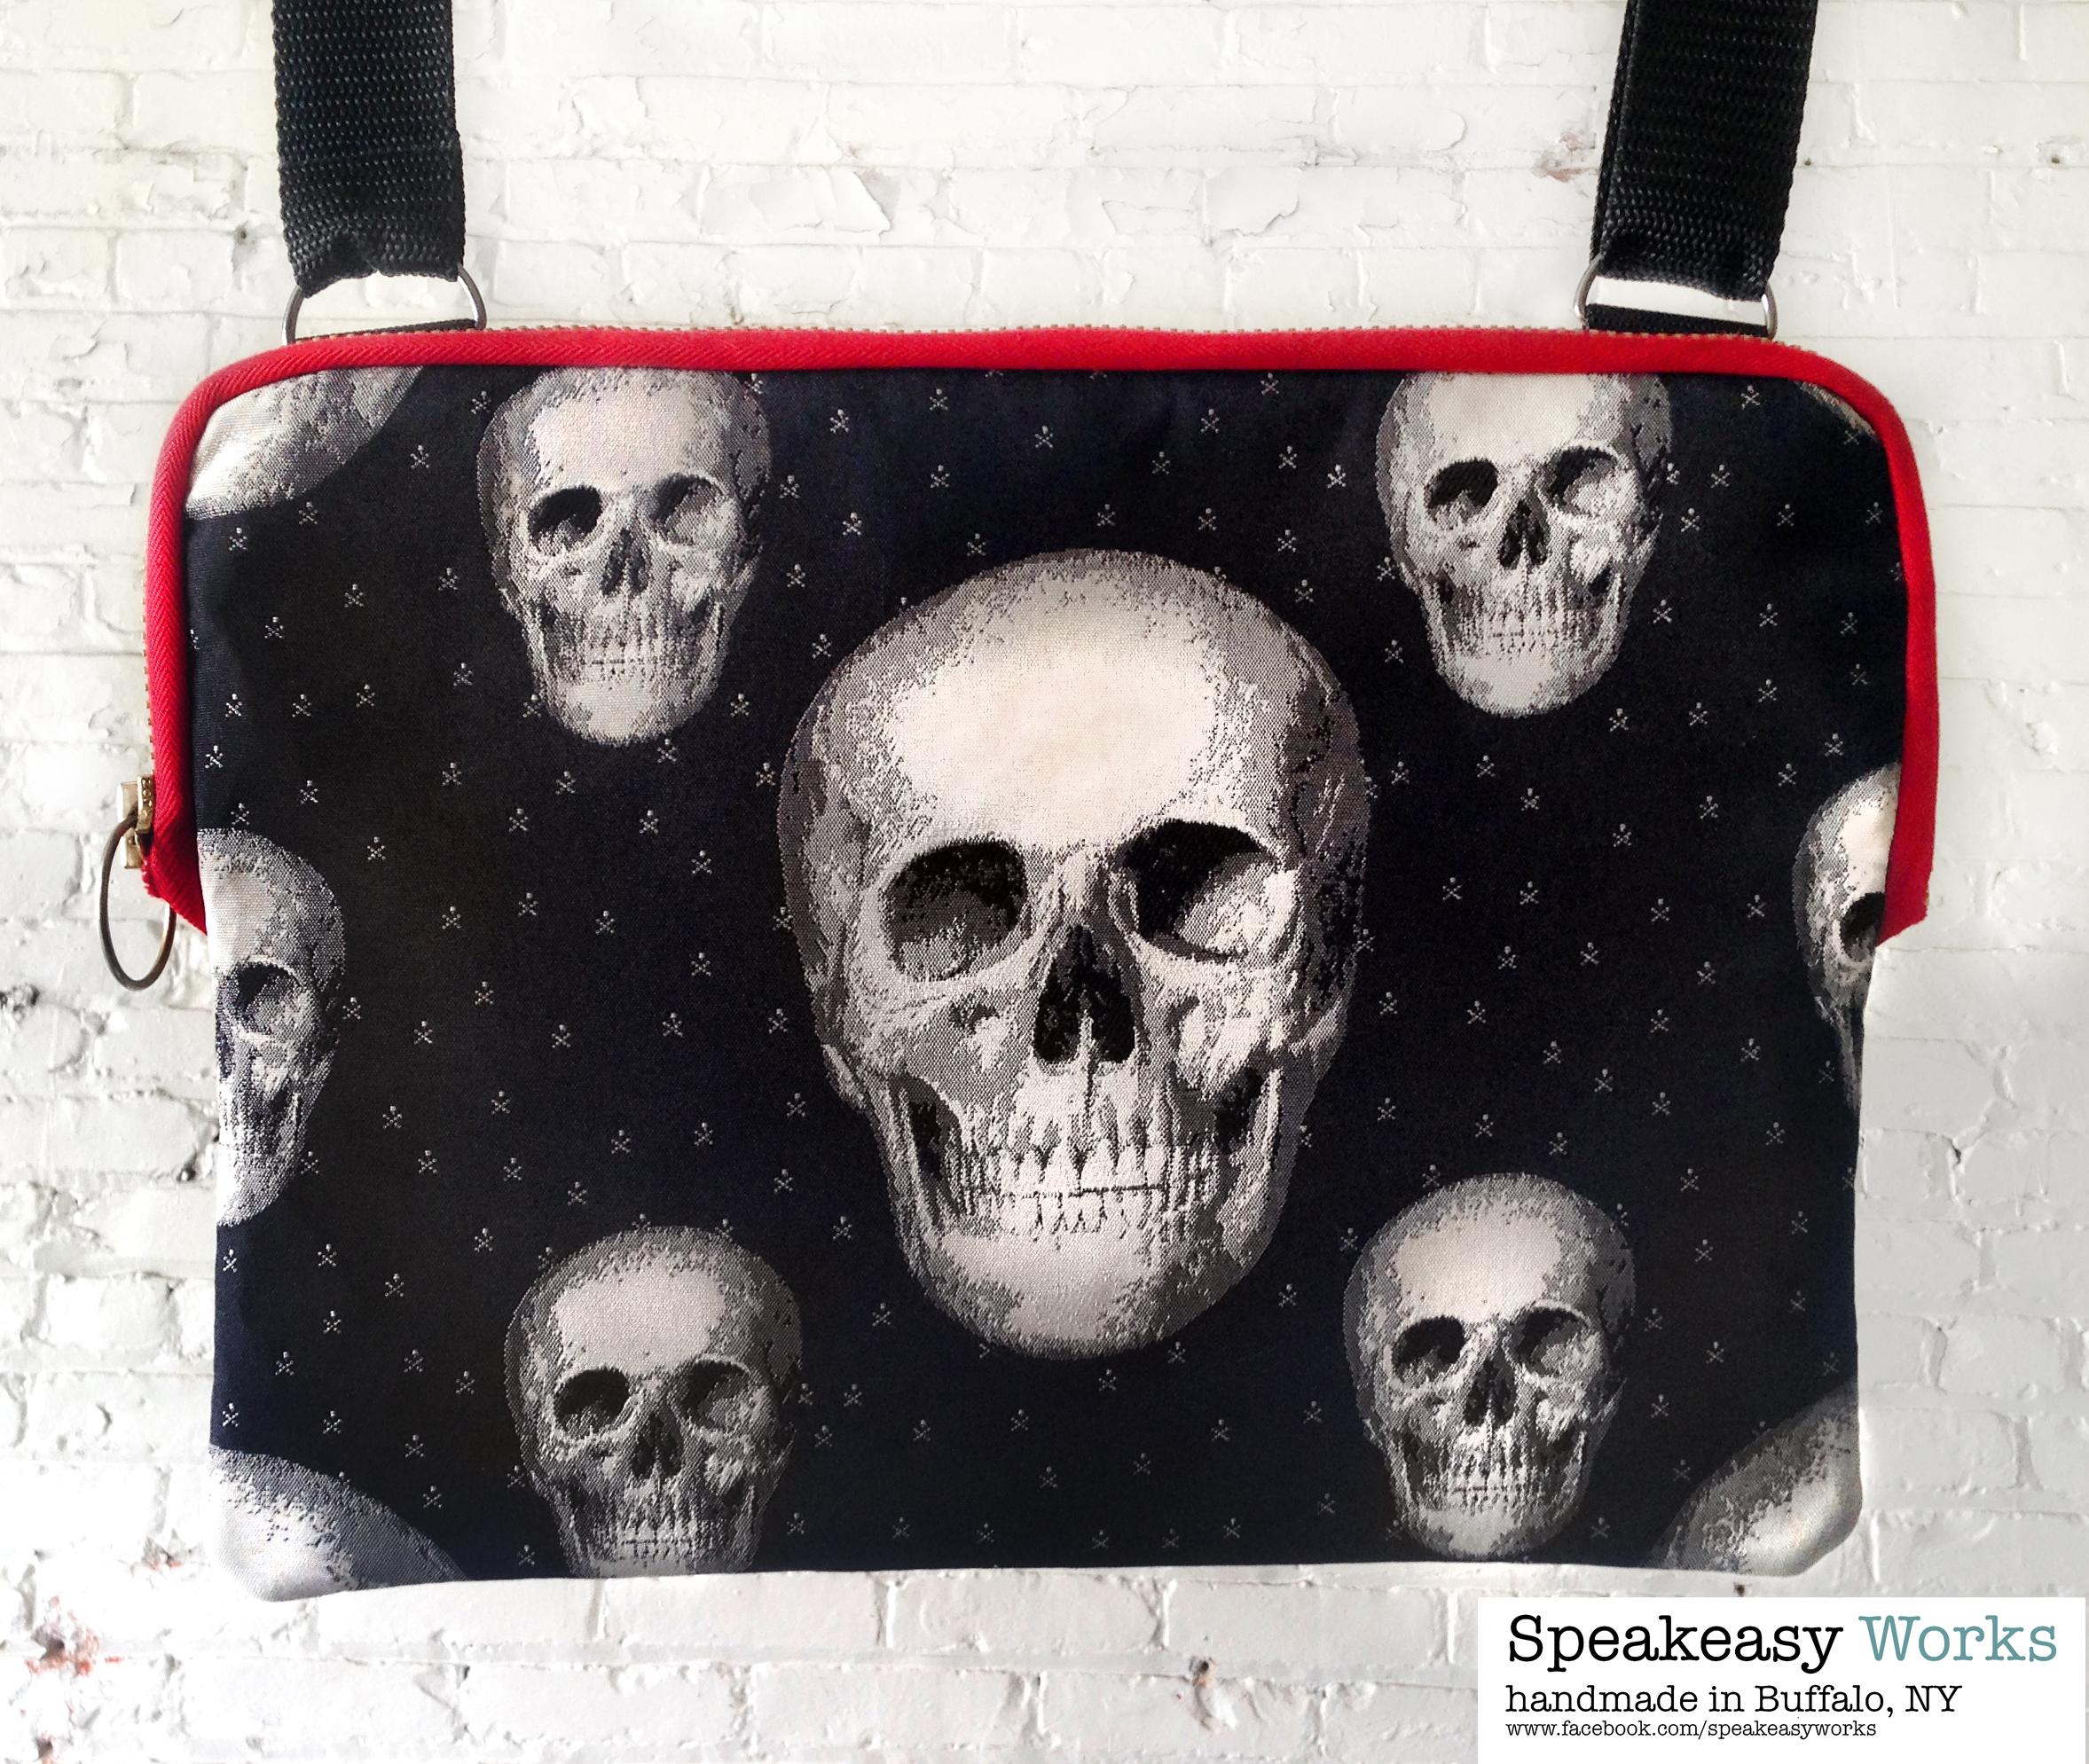 SpeakeasyWorks_laptop_skull